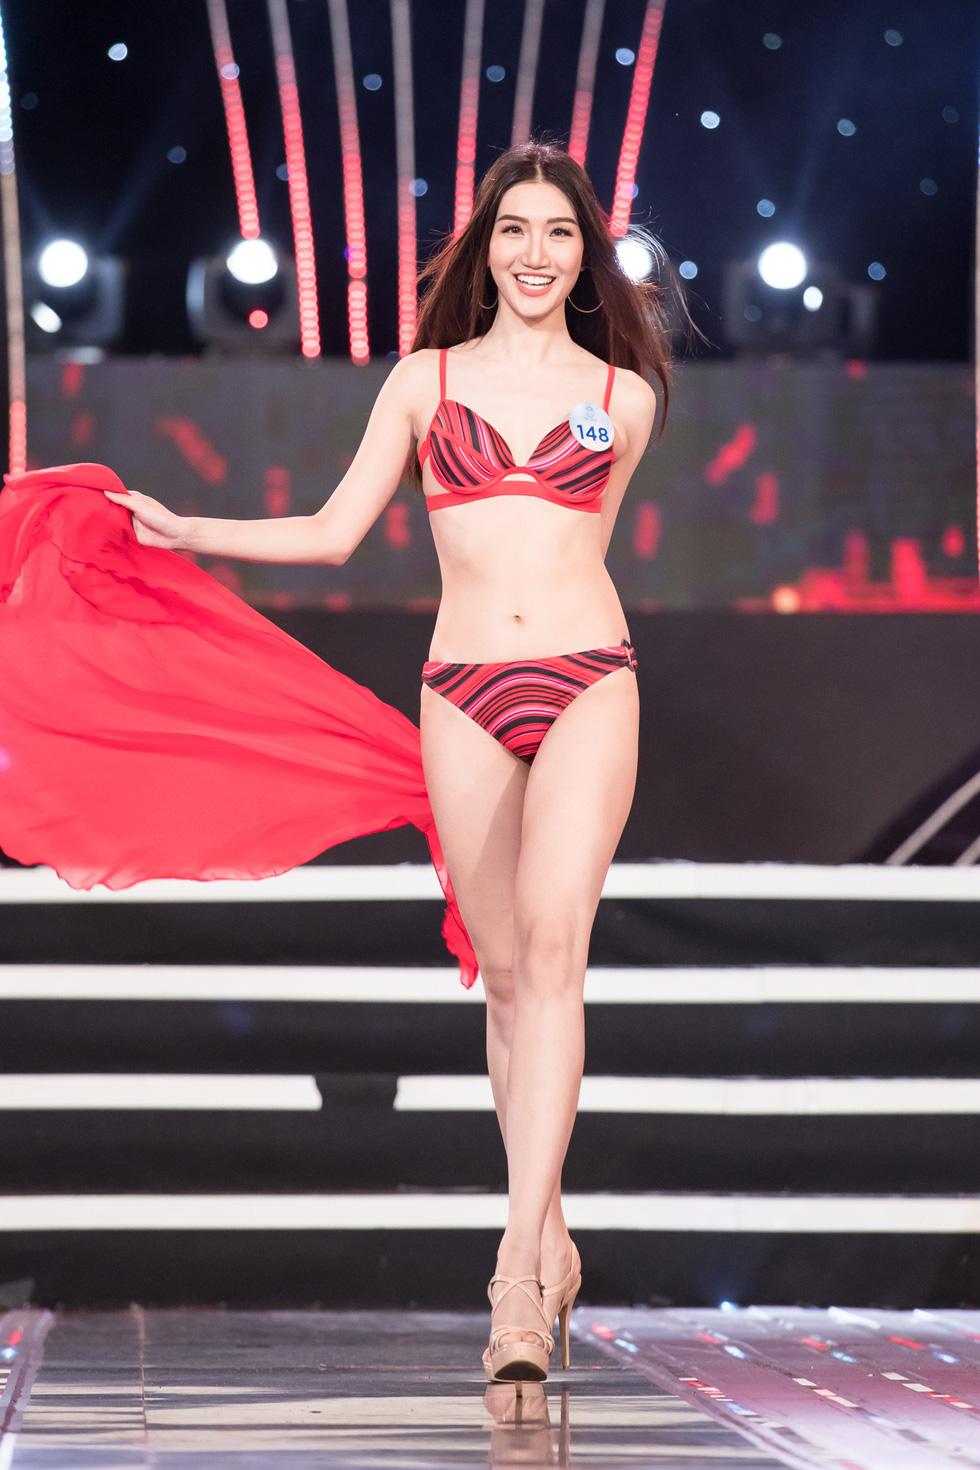 25 thí sinh Miss World Việt Nam 2019 đẹp nhất phía Bắc nóng bỏng thi bikini - Ảnh 22.